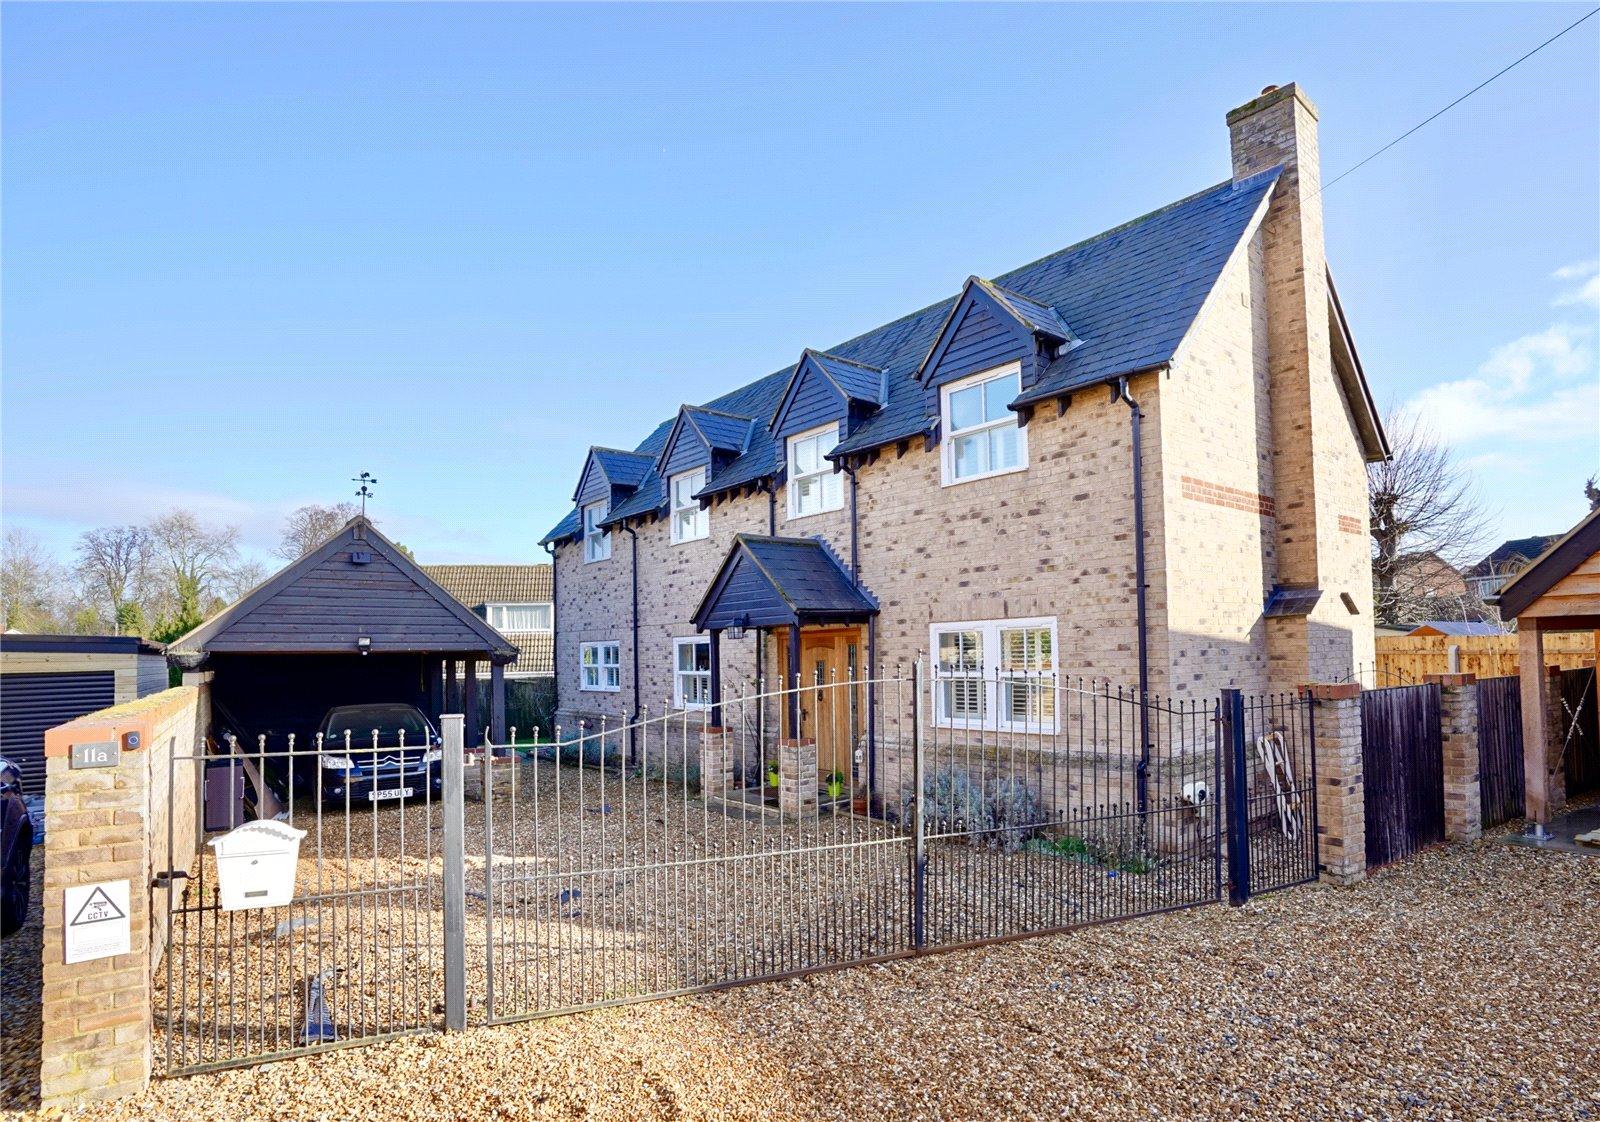 4 bed house for sale in Eynesbury, Berkley Street, PE19 2NB, PE19